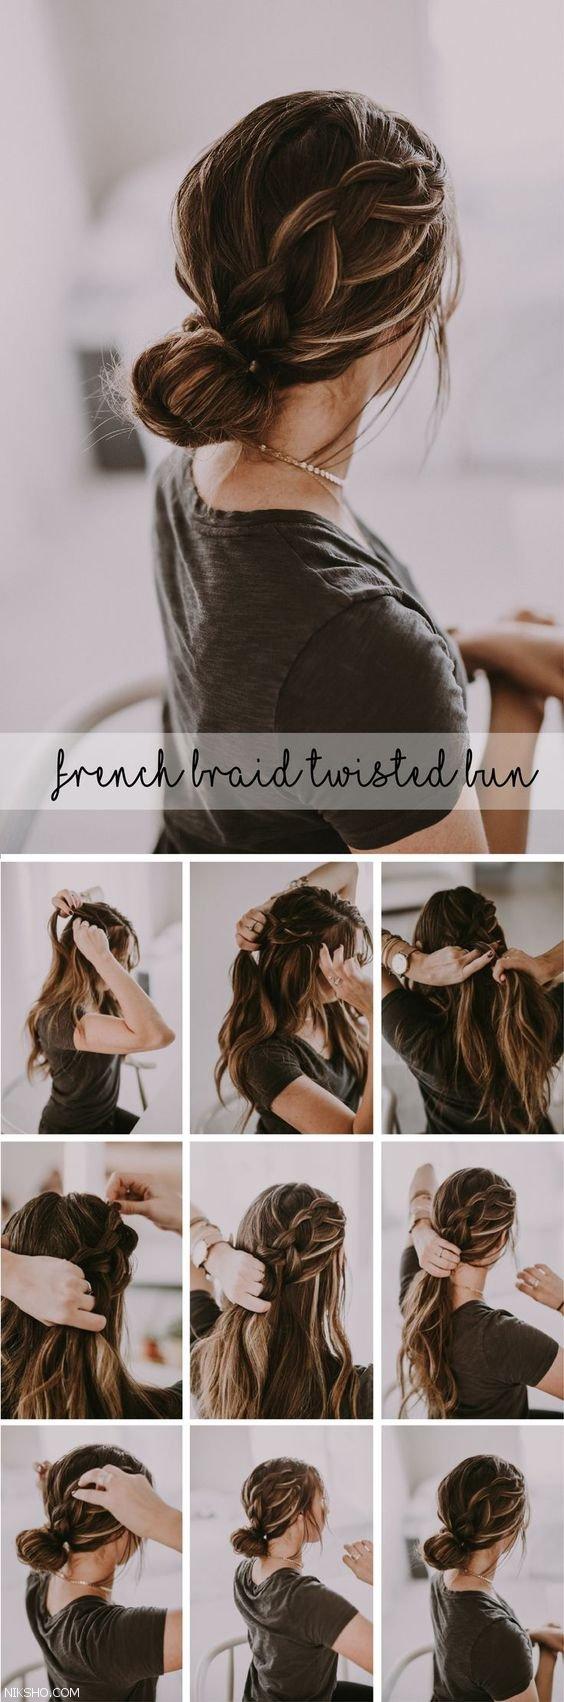 مدل های جدید بافت موی زنانه +آموزش تصویری